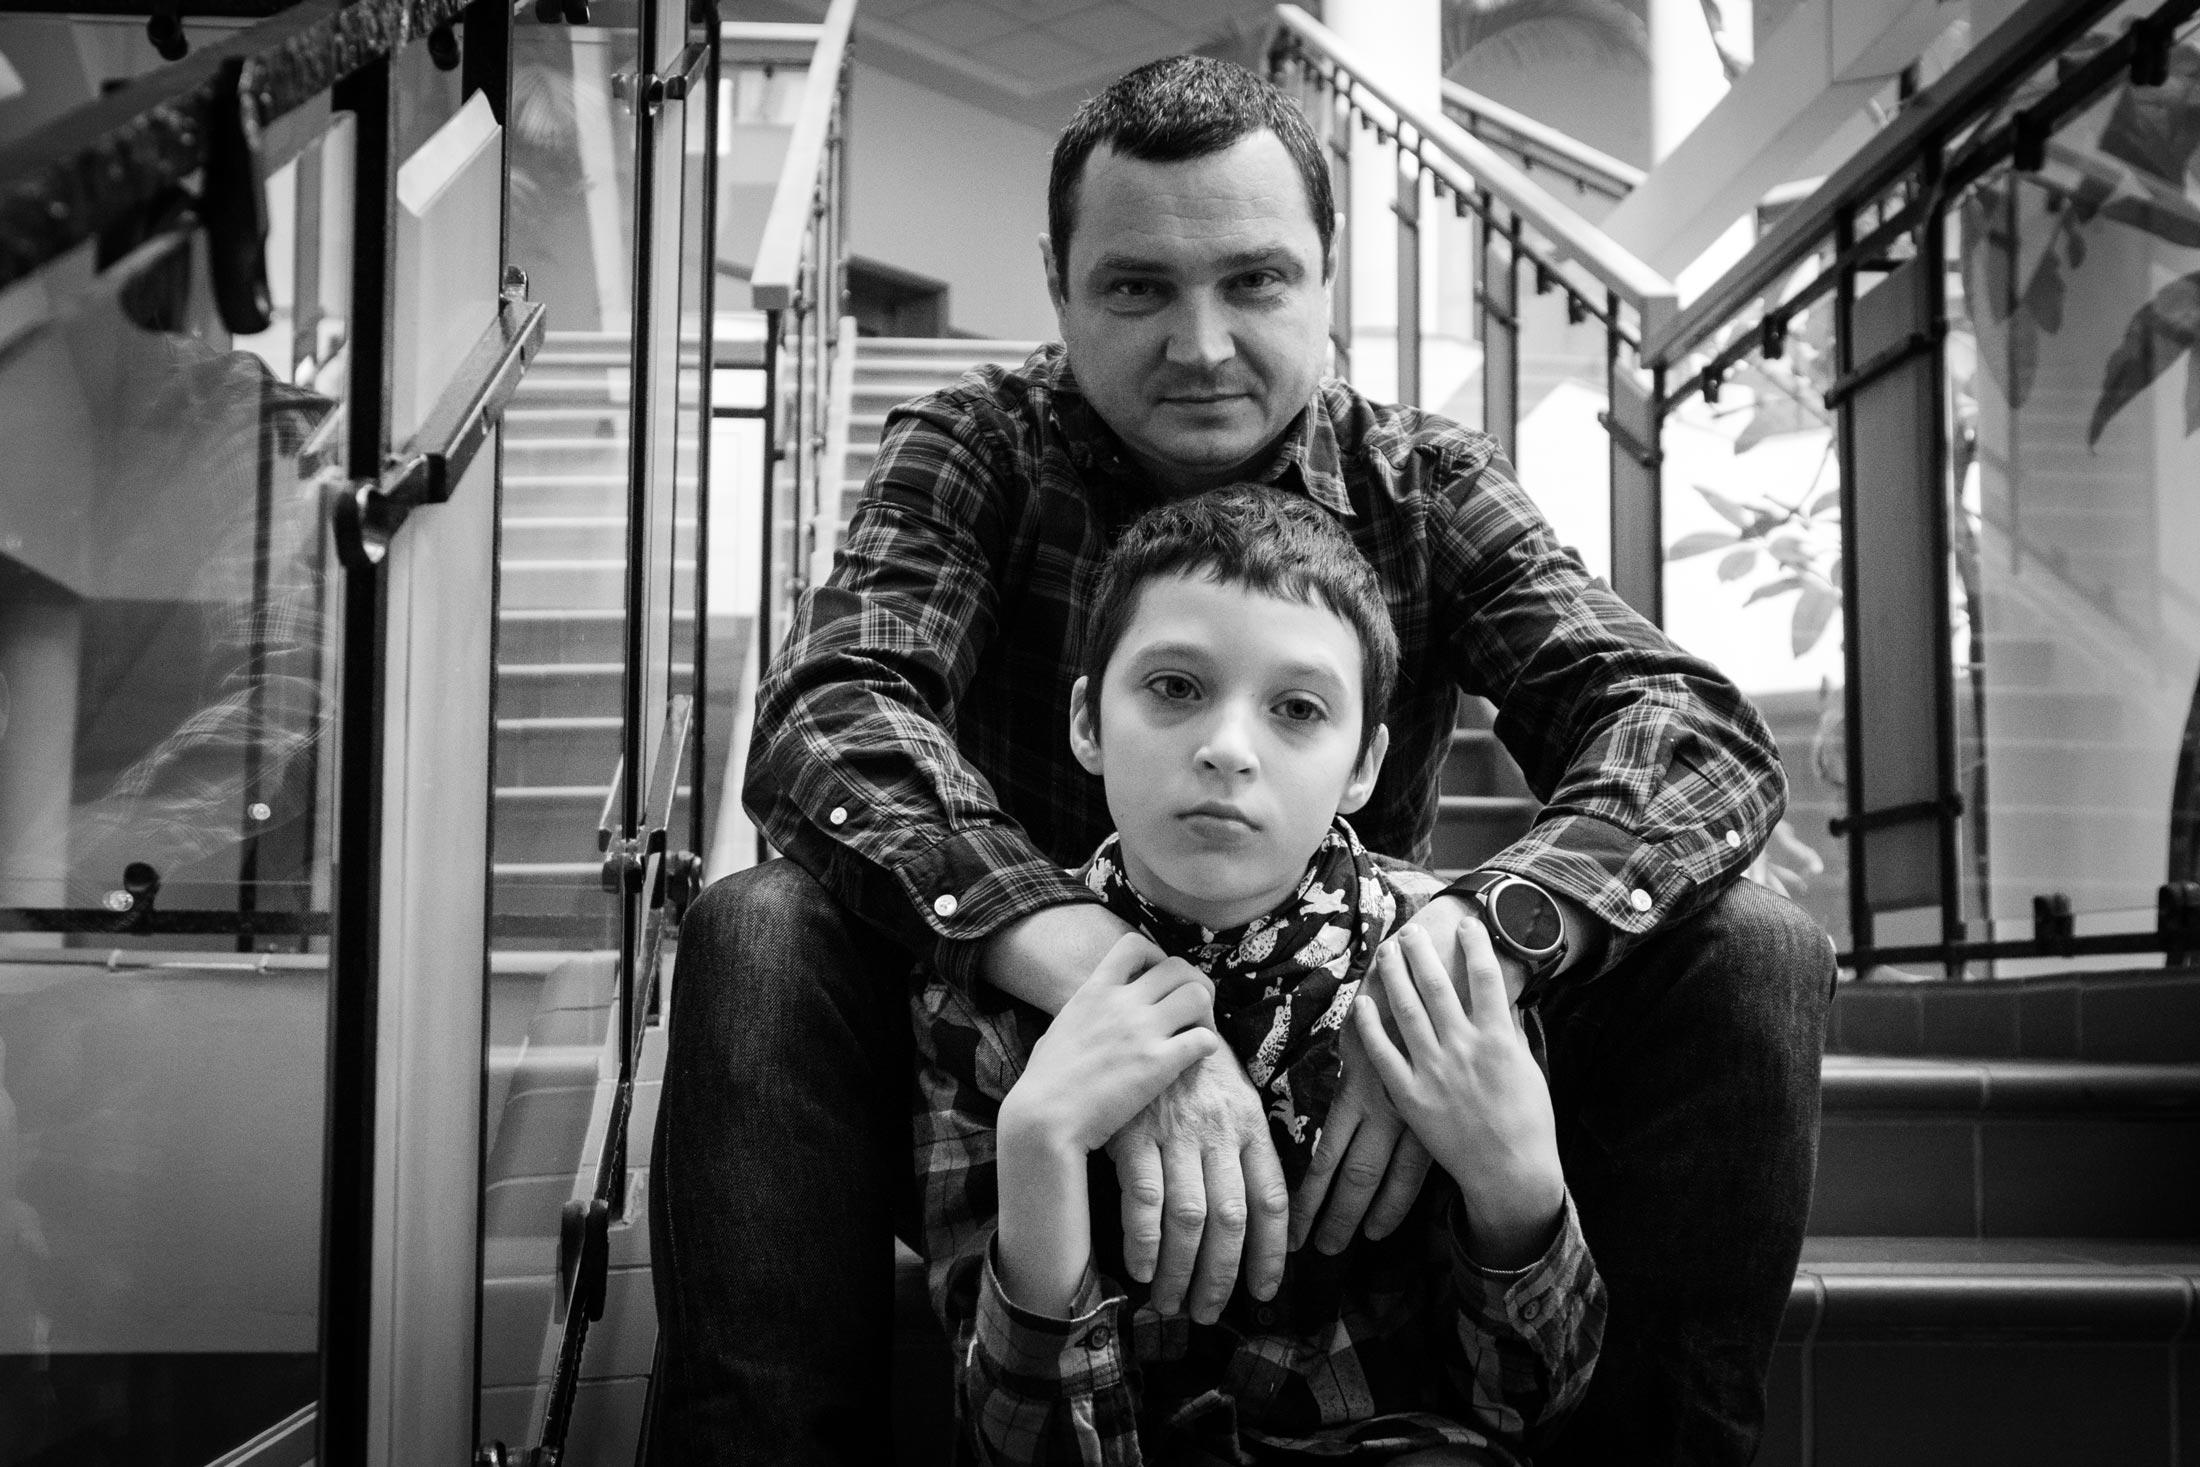 yaroslava nikanshin 03 - <b>Таке життя.</b> Як спілкуватися із батьками дітей з особливими потребами й не перетворювати розмову на щось особливе - Заборона